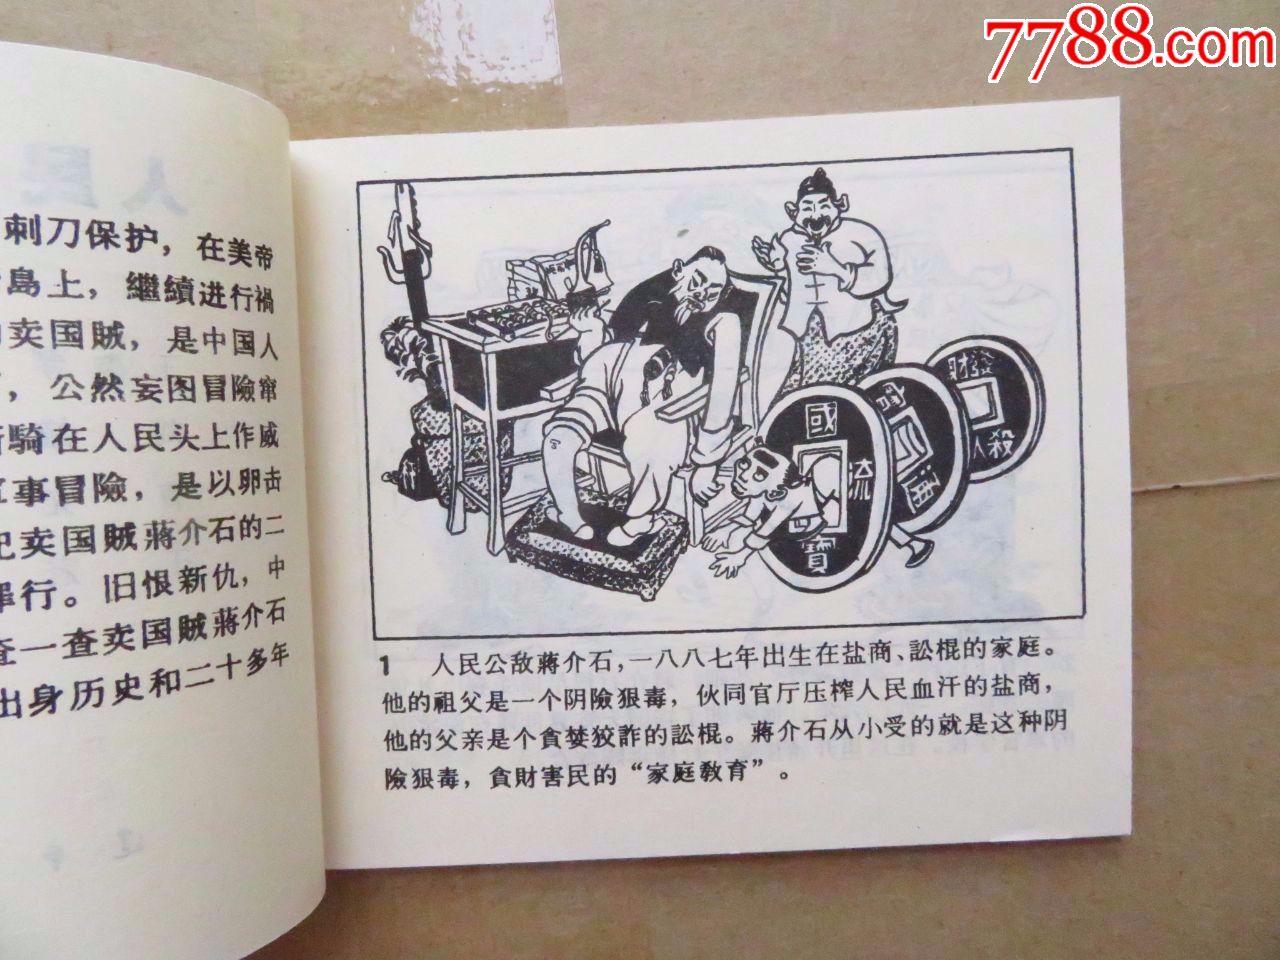 仿版,,人民公敌蒋介石_价格15元_第3张_